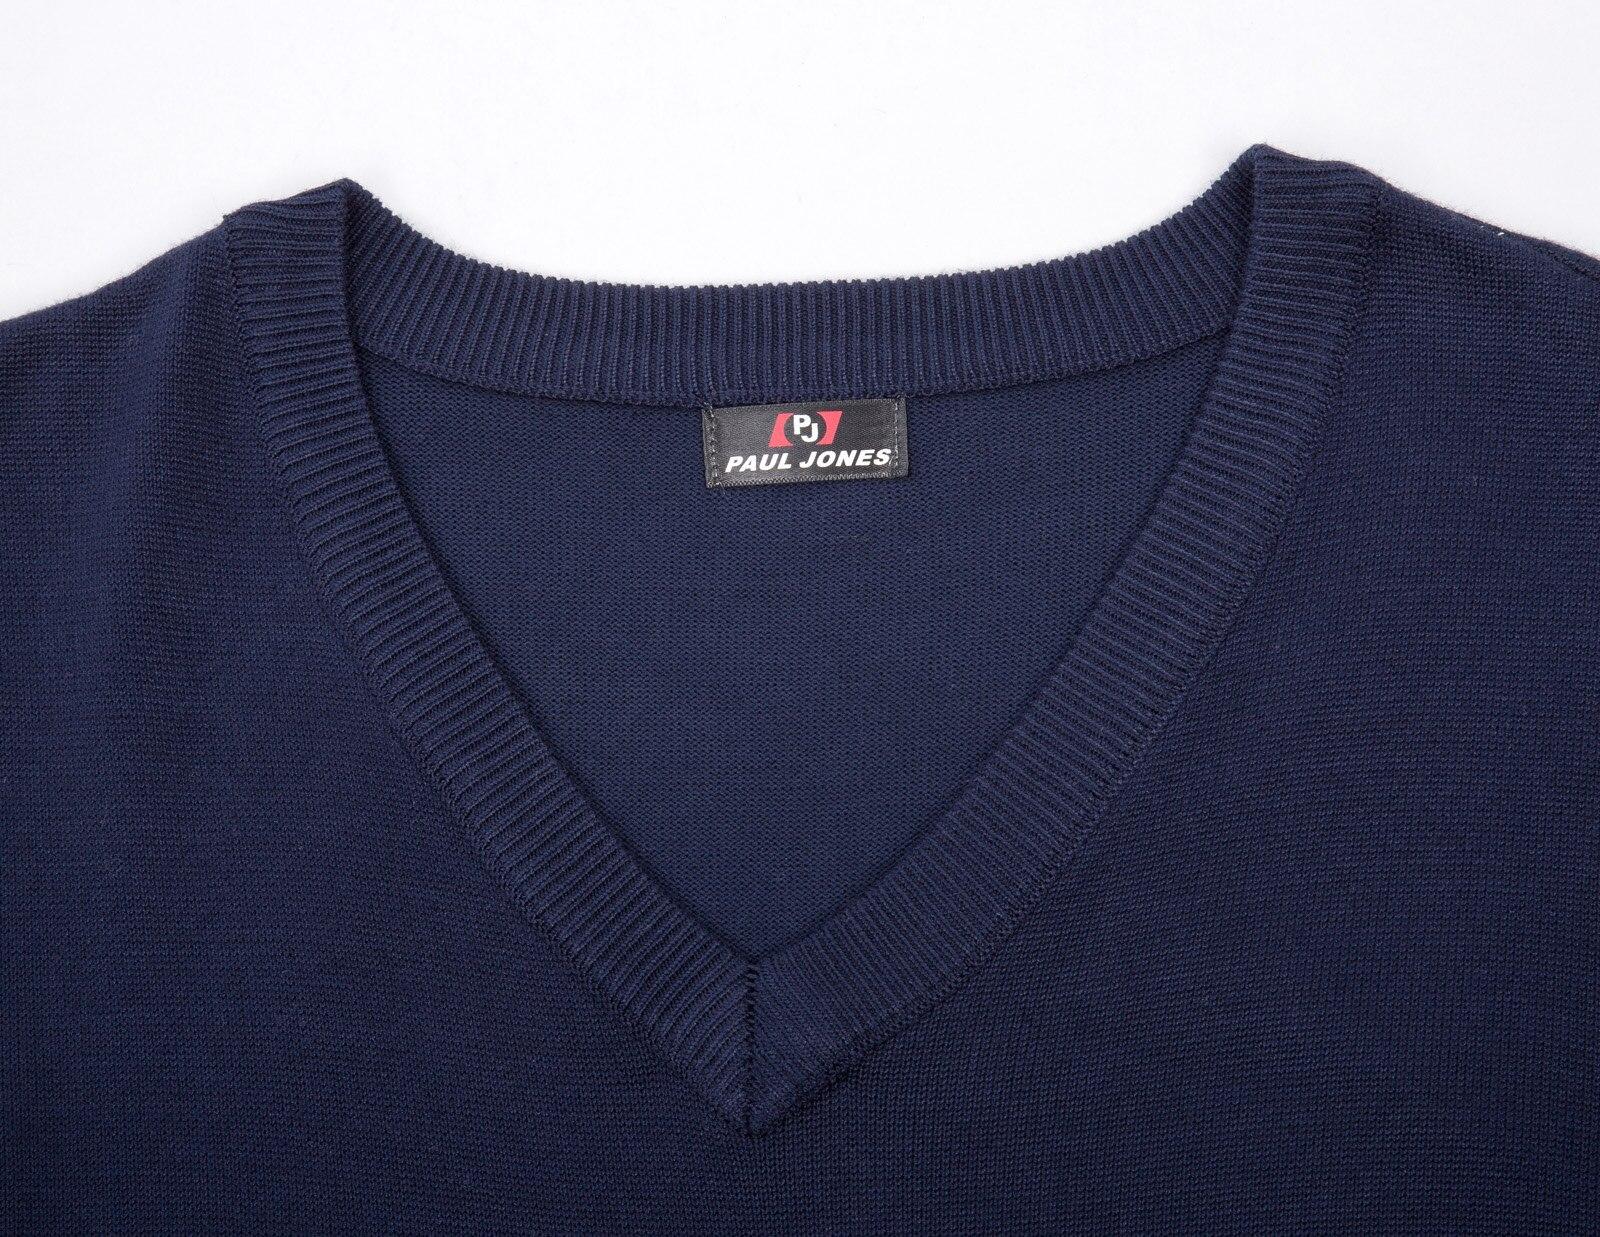 [해외]Hot Mens Pullover Sleeveless V-neck Knitting Shirt Vest Jumper Waistcoat Sweater/Hot Mens Pullover Sleeveless V-neck Knitting Shirt Vest Jumper Wa